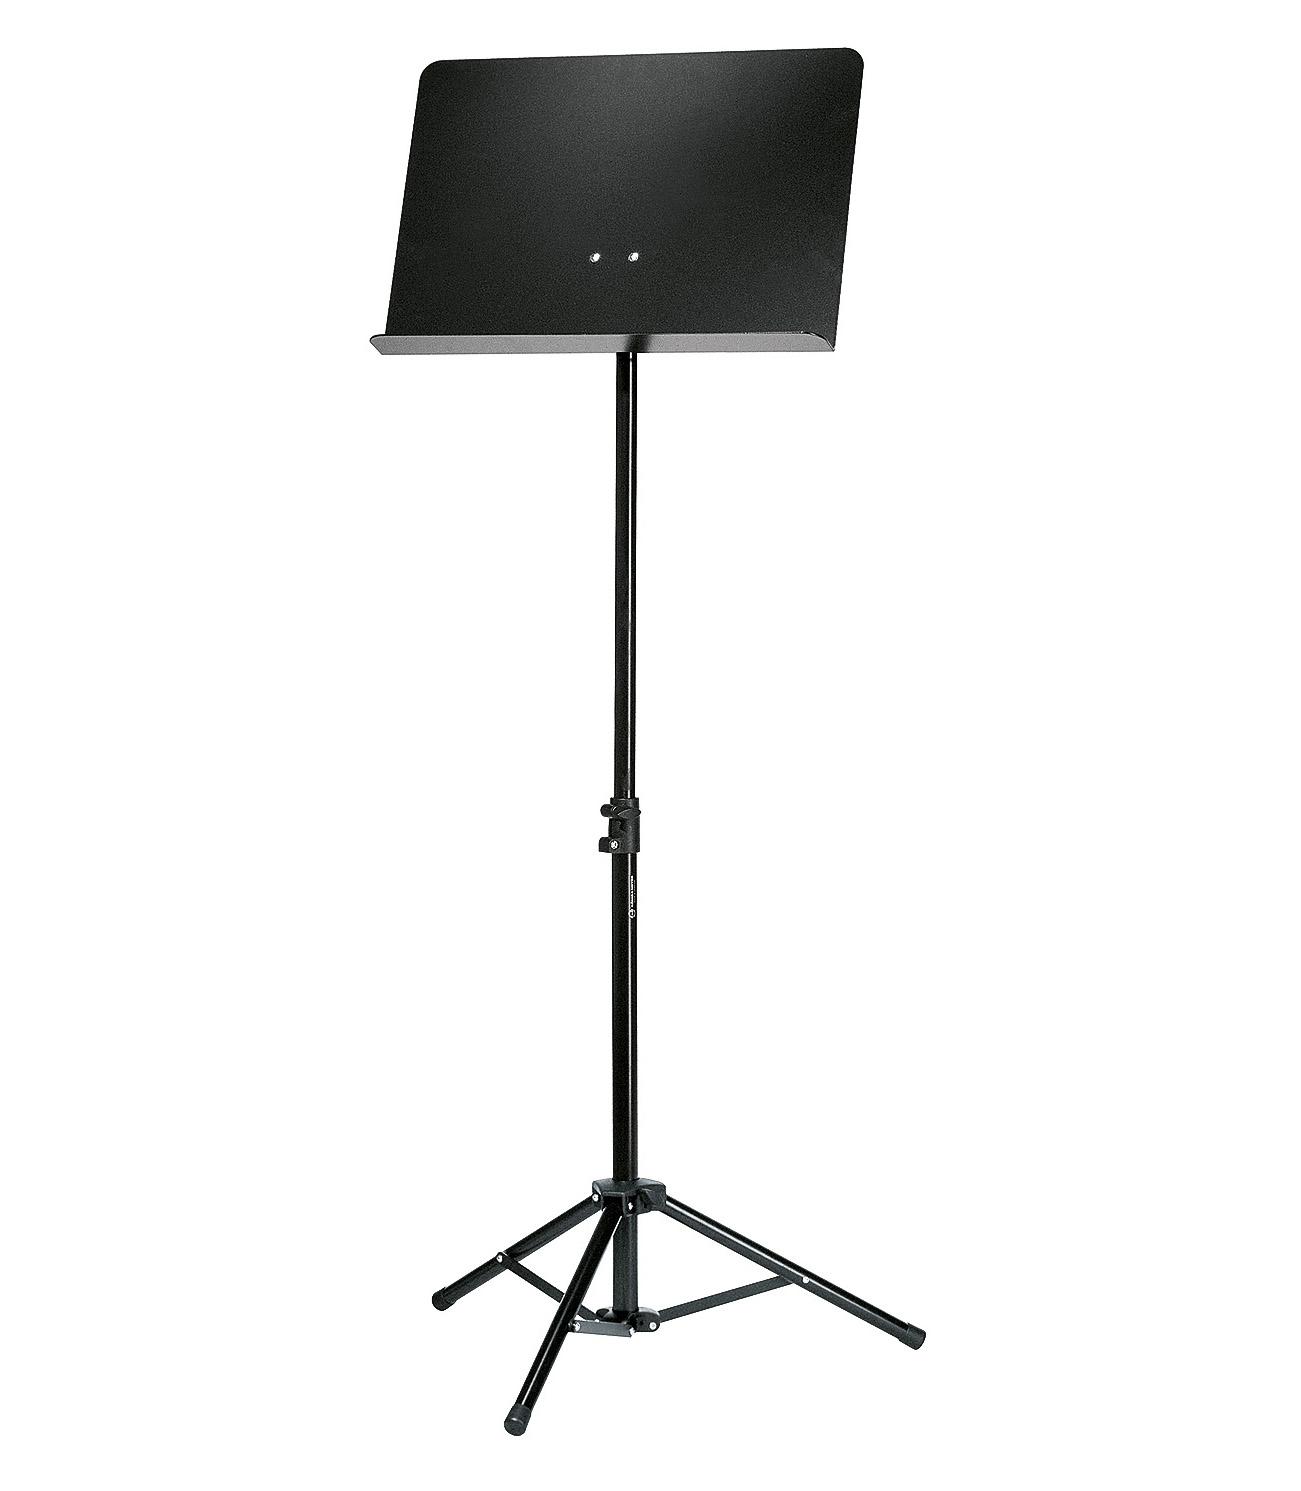 Buy K&M - 11888 050 55